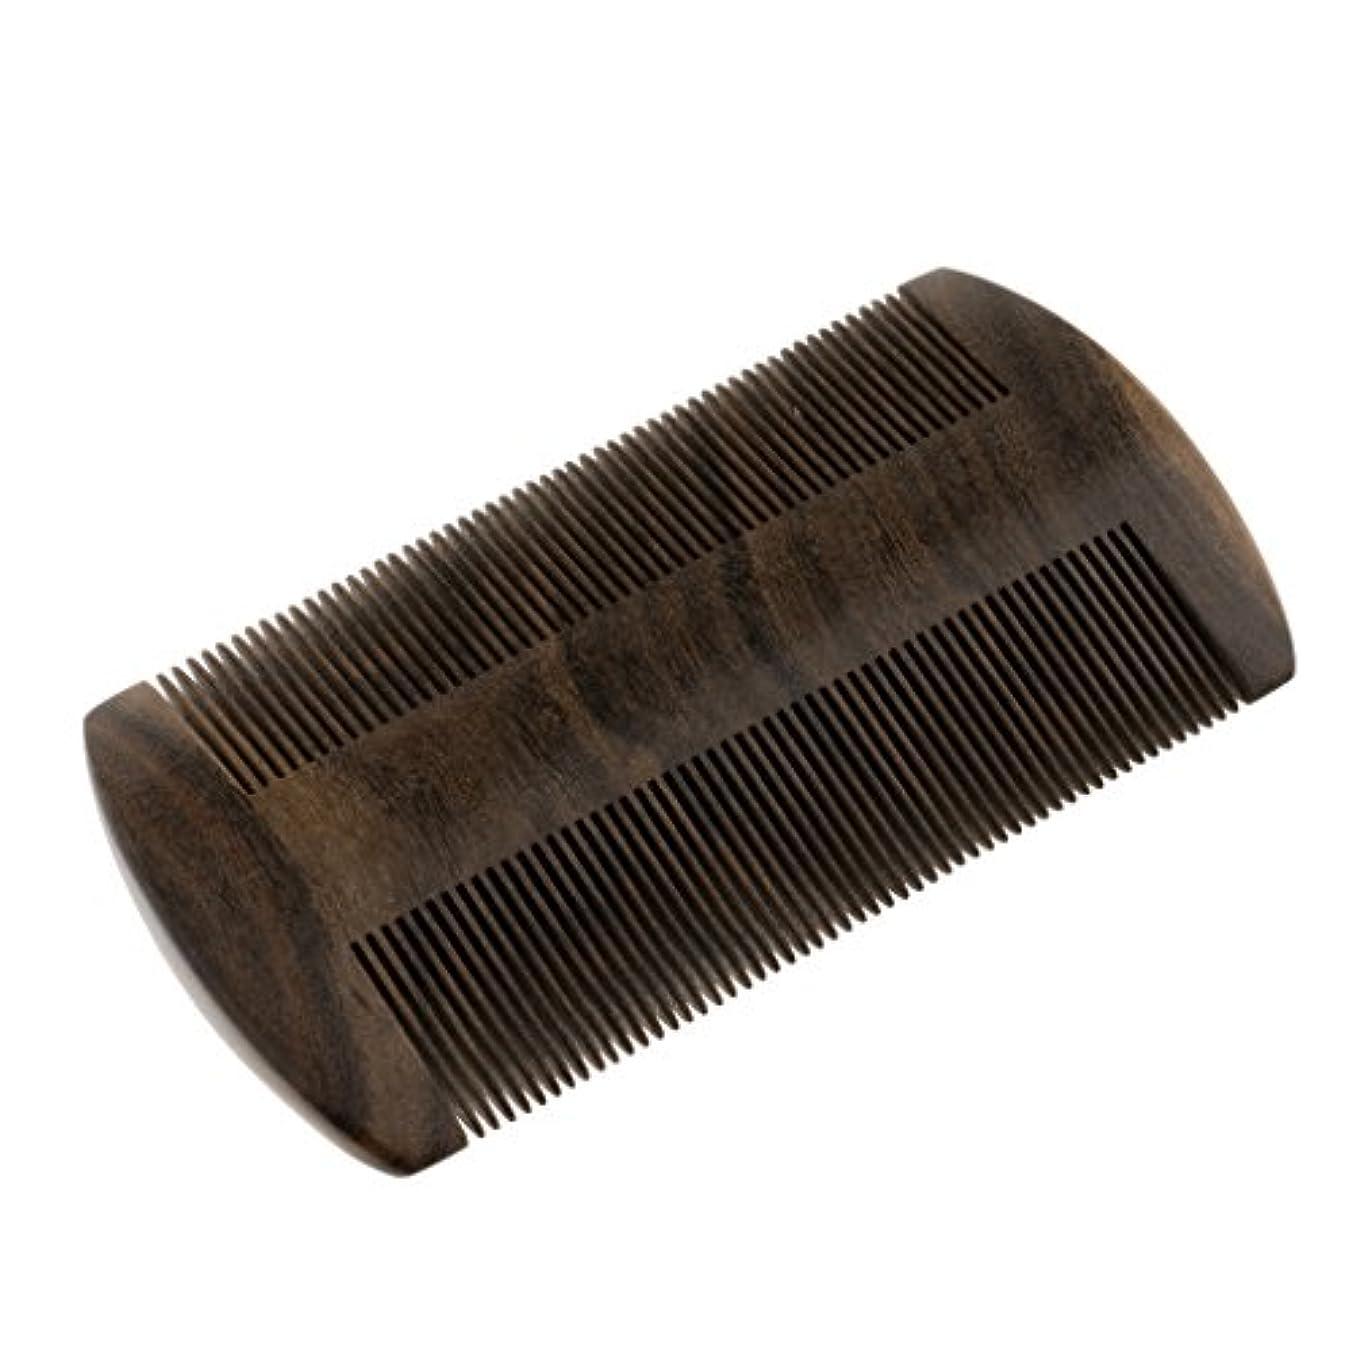 シャーロットブロンテ小間マーケティングCUTICATE ヘアブラシ 静電気防止髭剃り櫛 ウッドコーム ミシュコーム 静電気防止